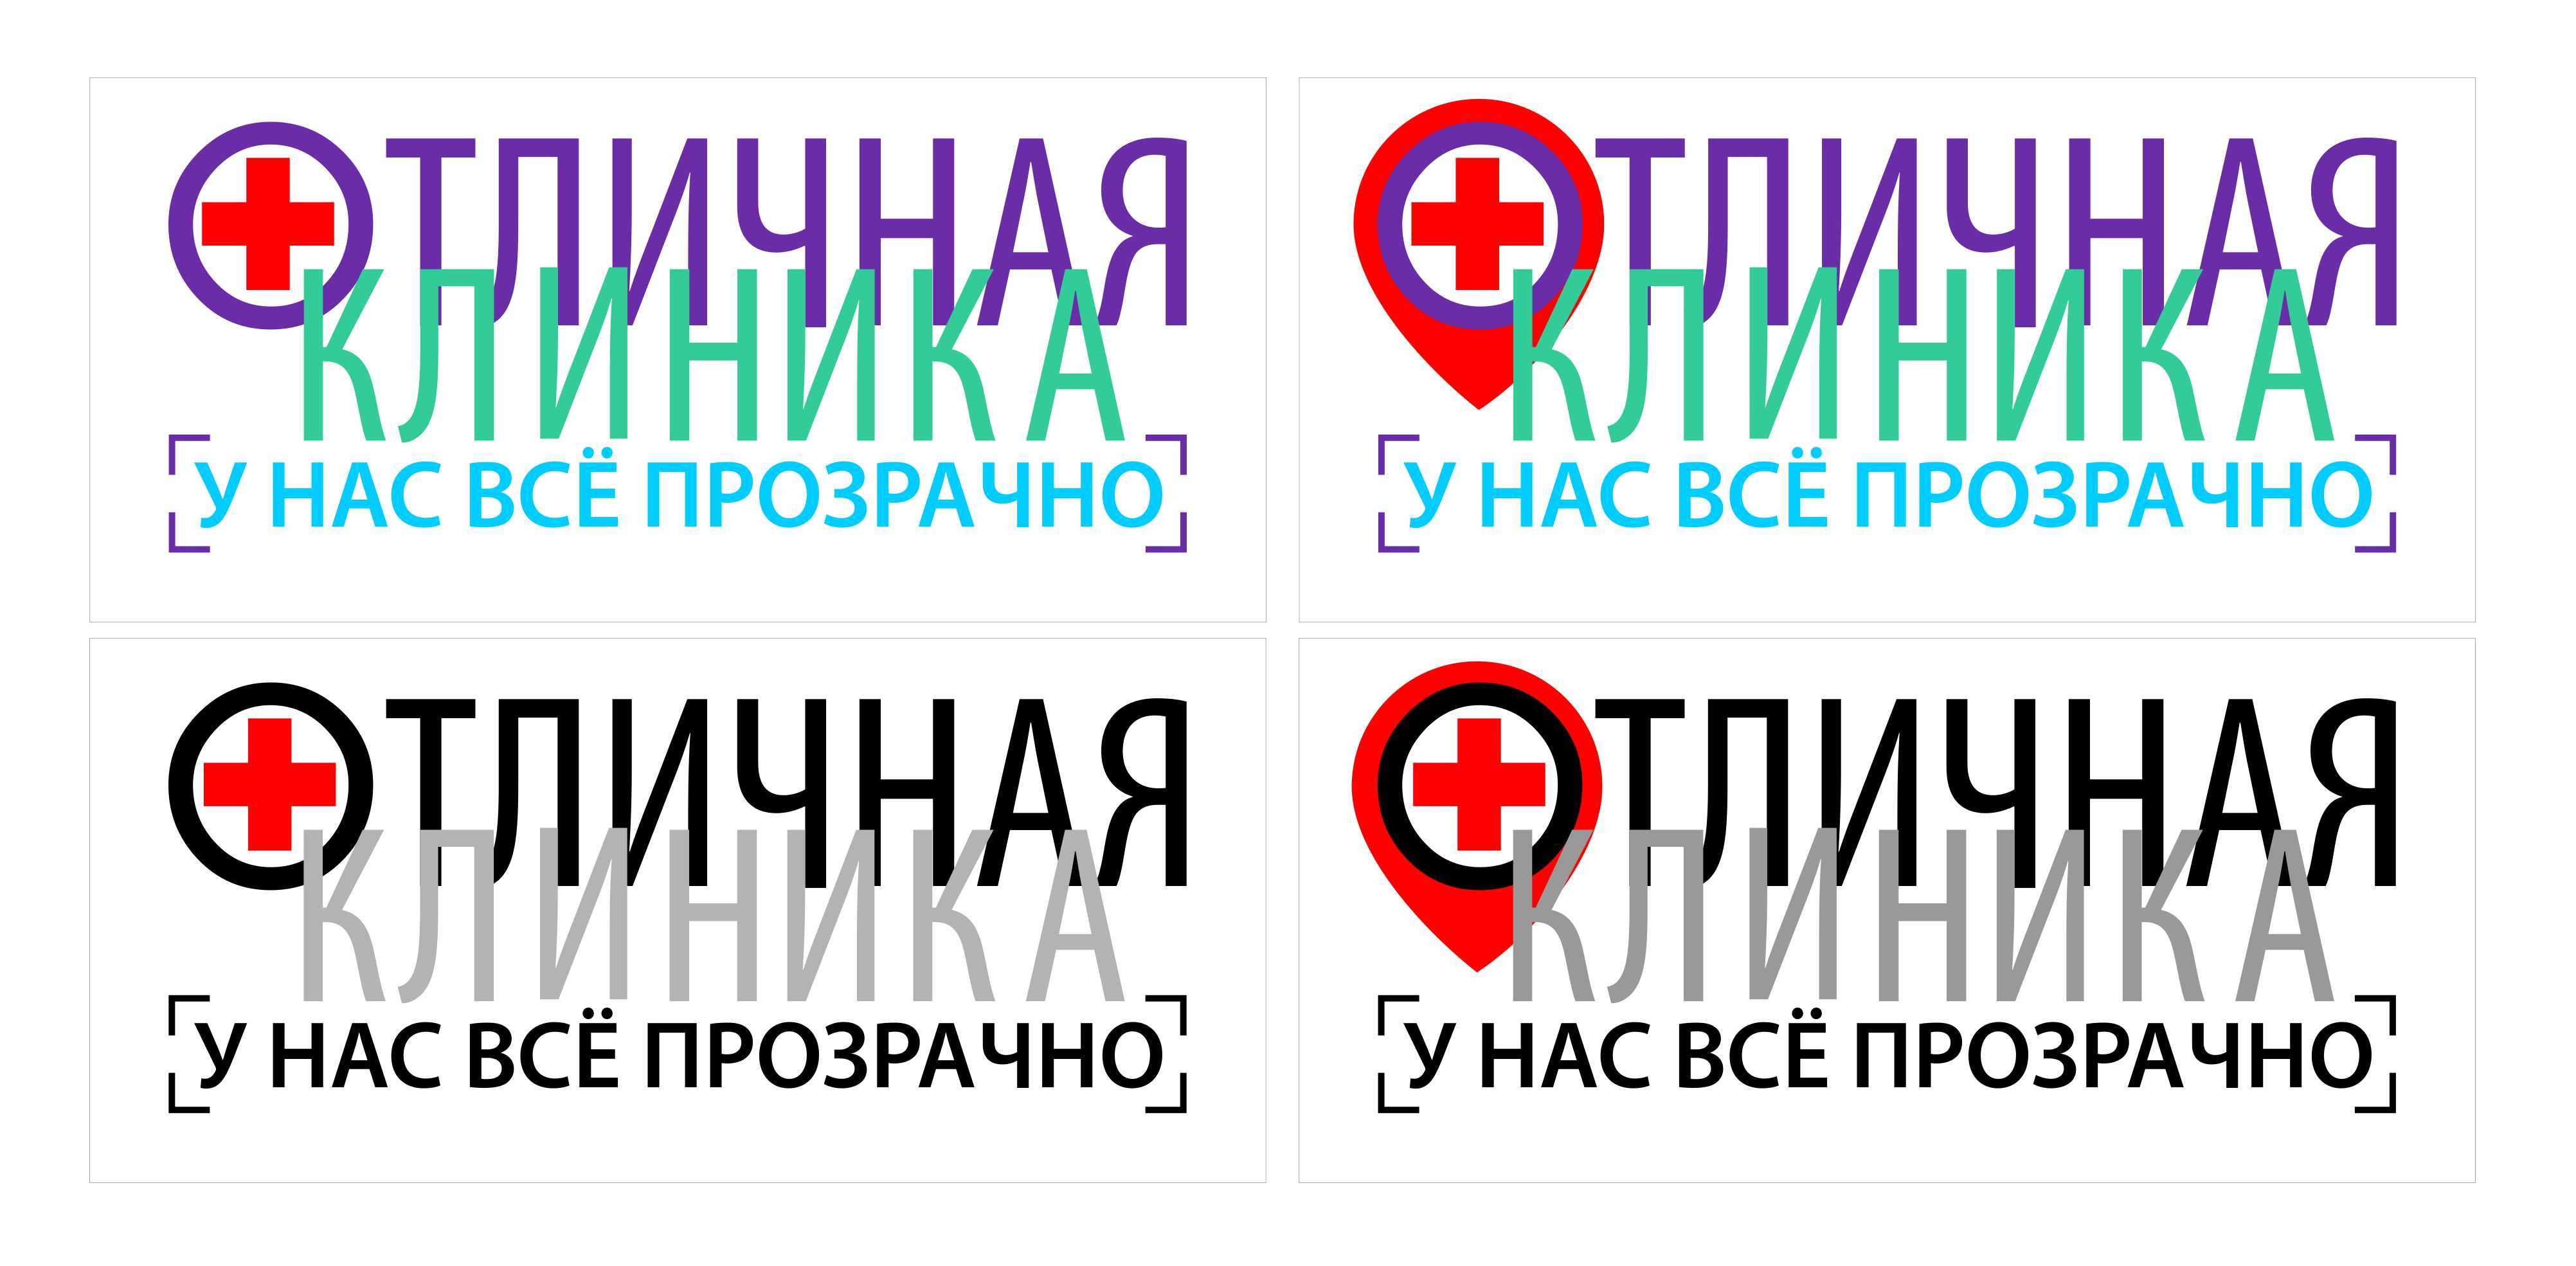 Логотип и фирменный стиль частной клиники фото f_5085c8d649445dfb.jpg